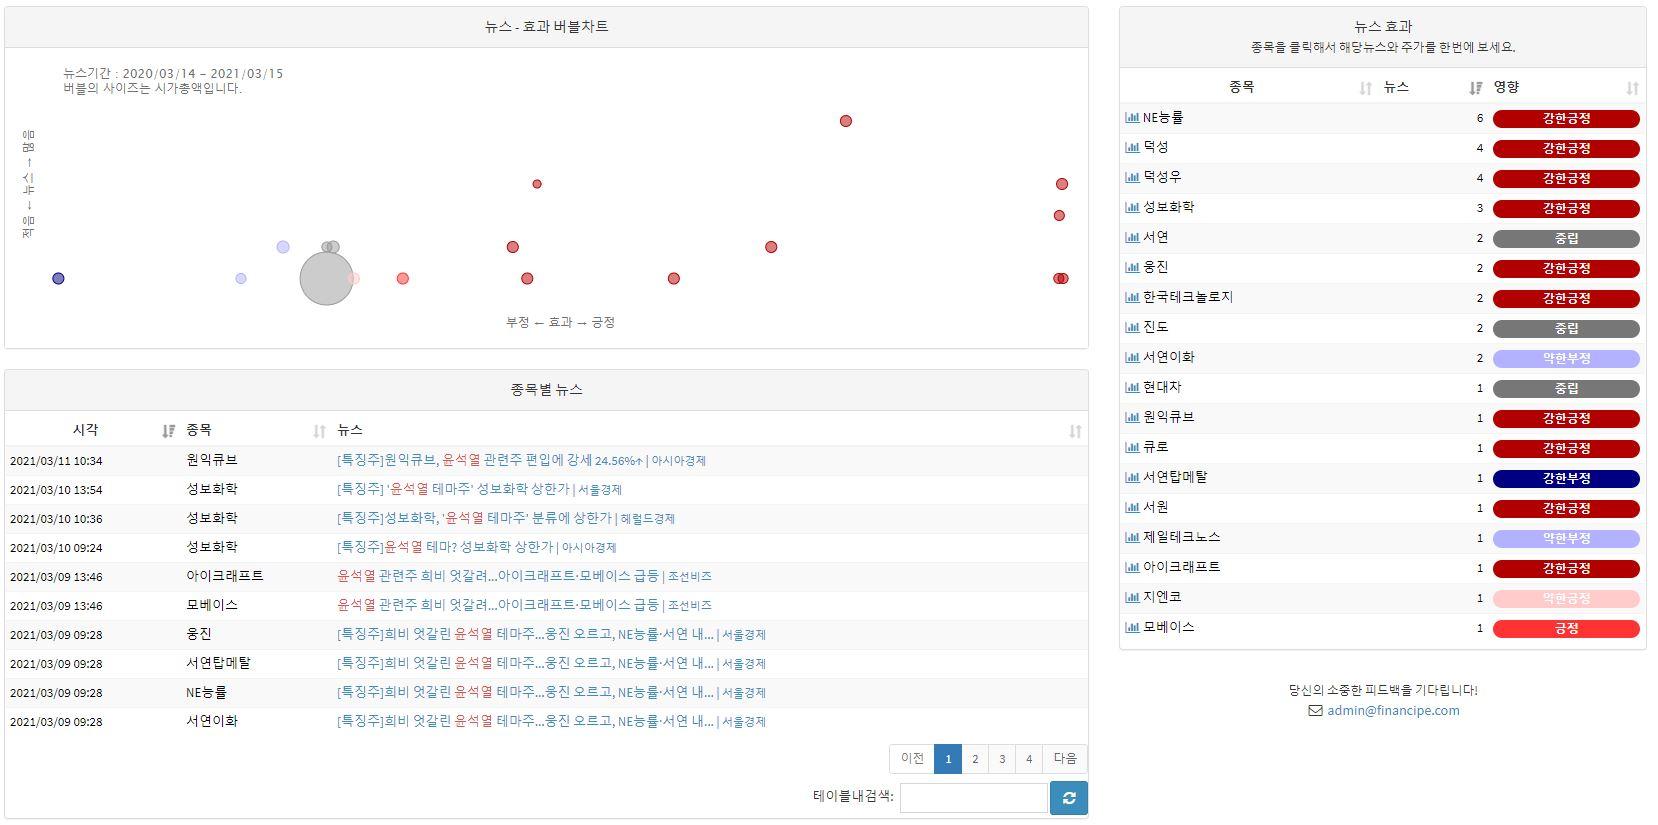 윤석열 키워드로 검색한 테마주 관련도 및 뉴스 기사 리스트